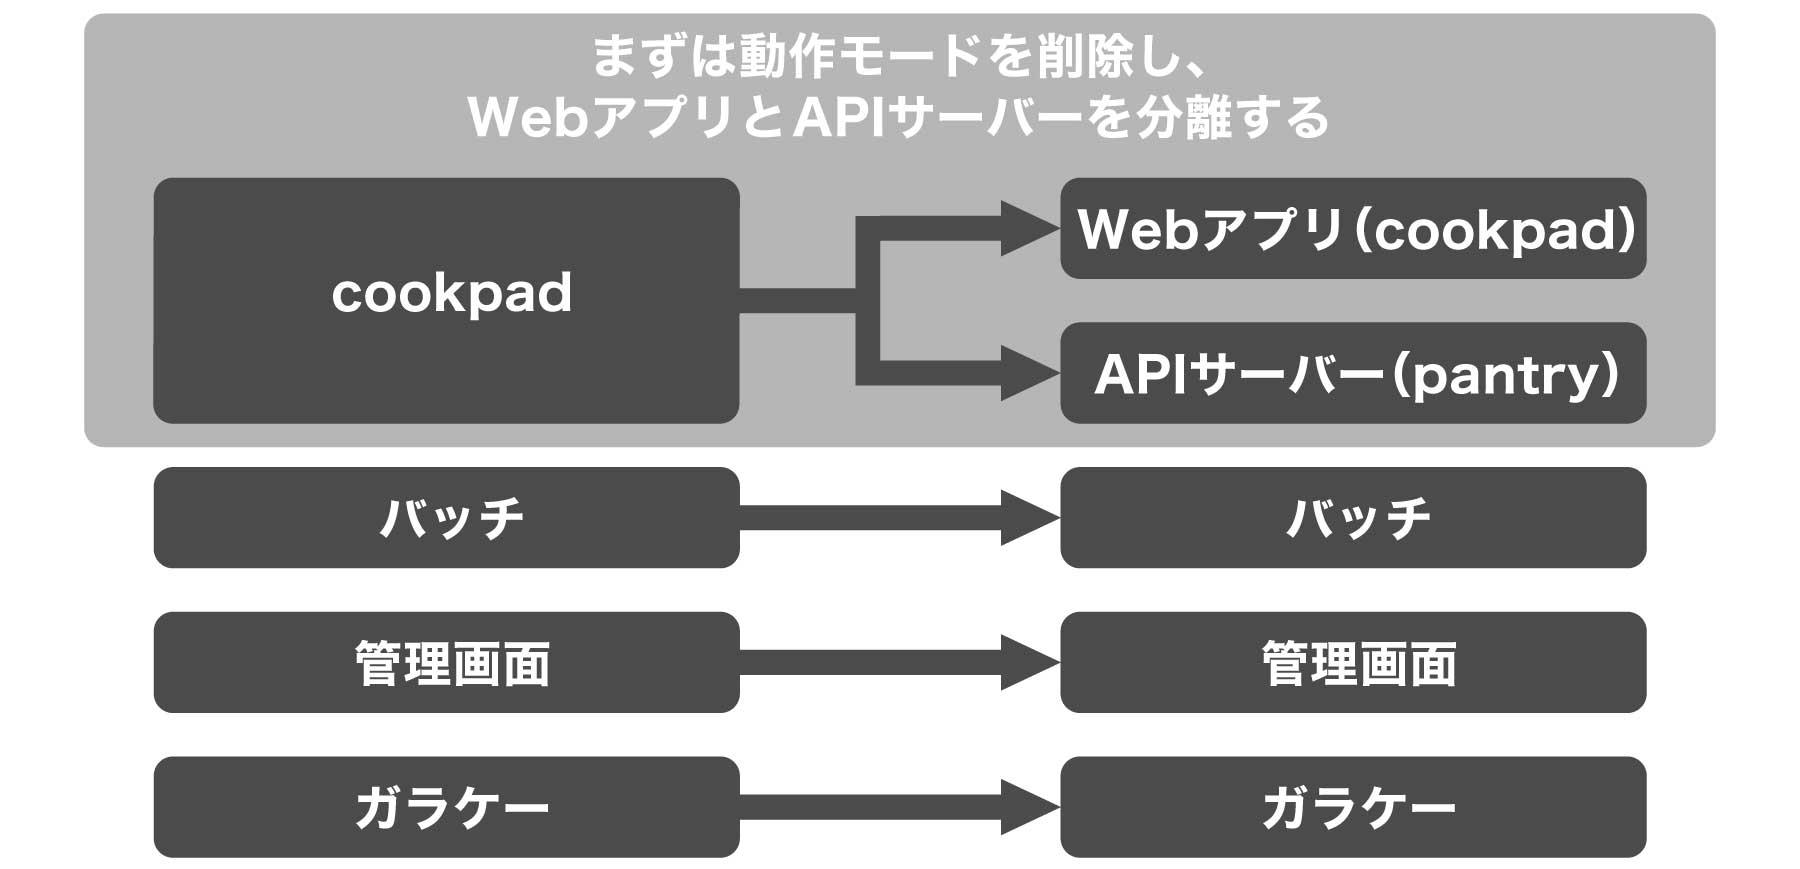 クックパッドのマイクロサービス化図版1